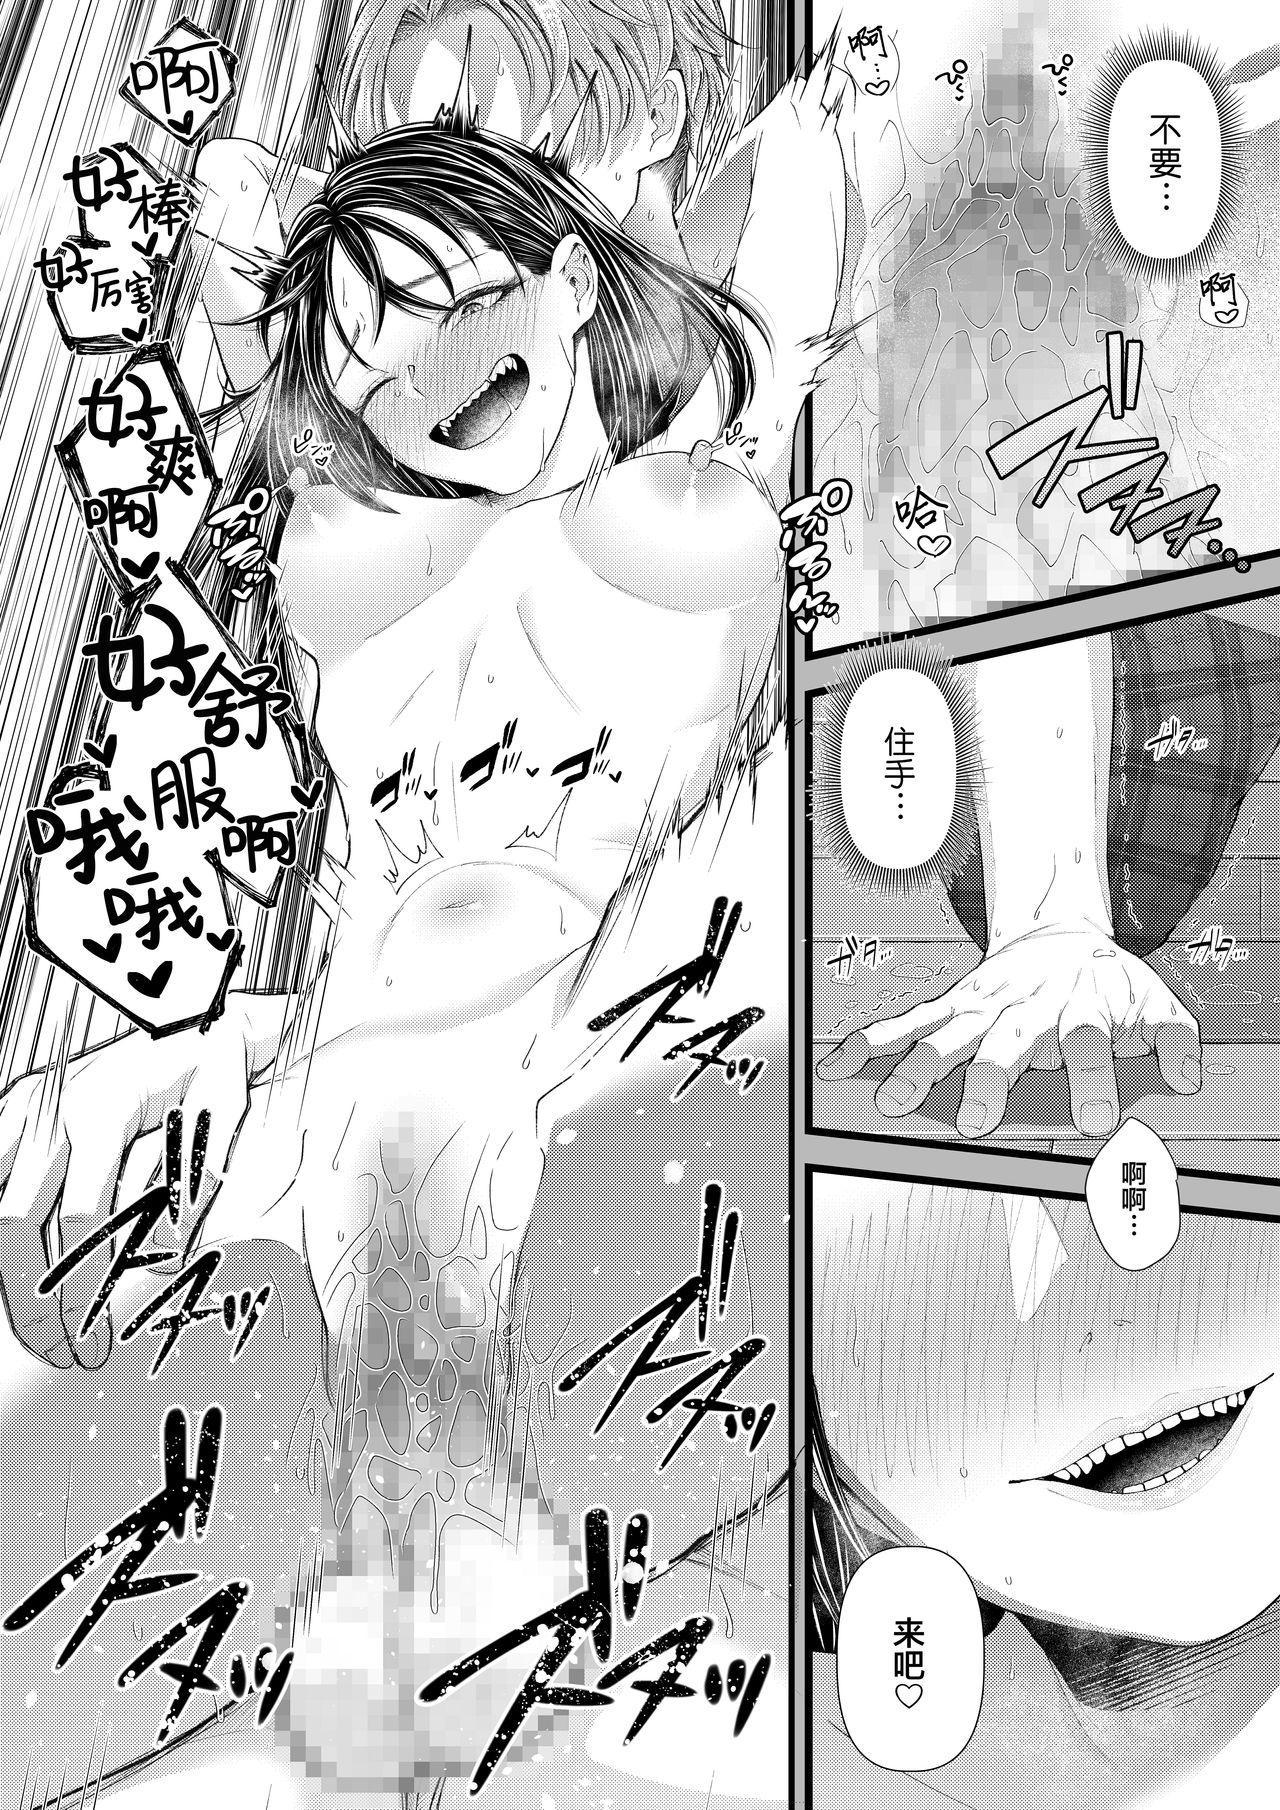 Yuutousei Danshi no Otoshikata 20